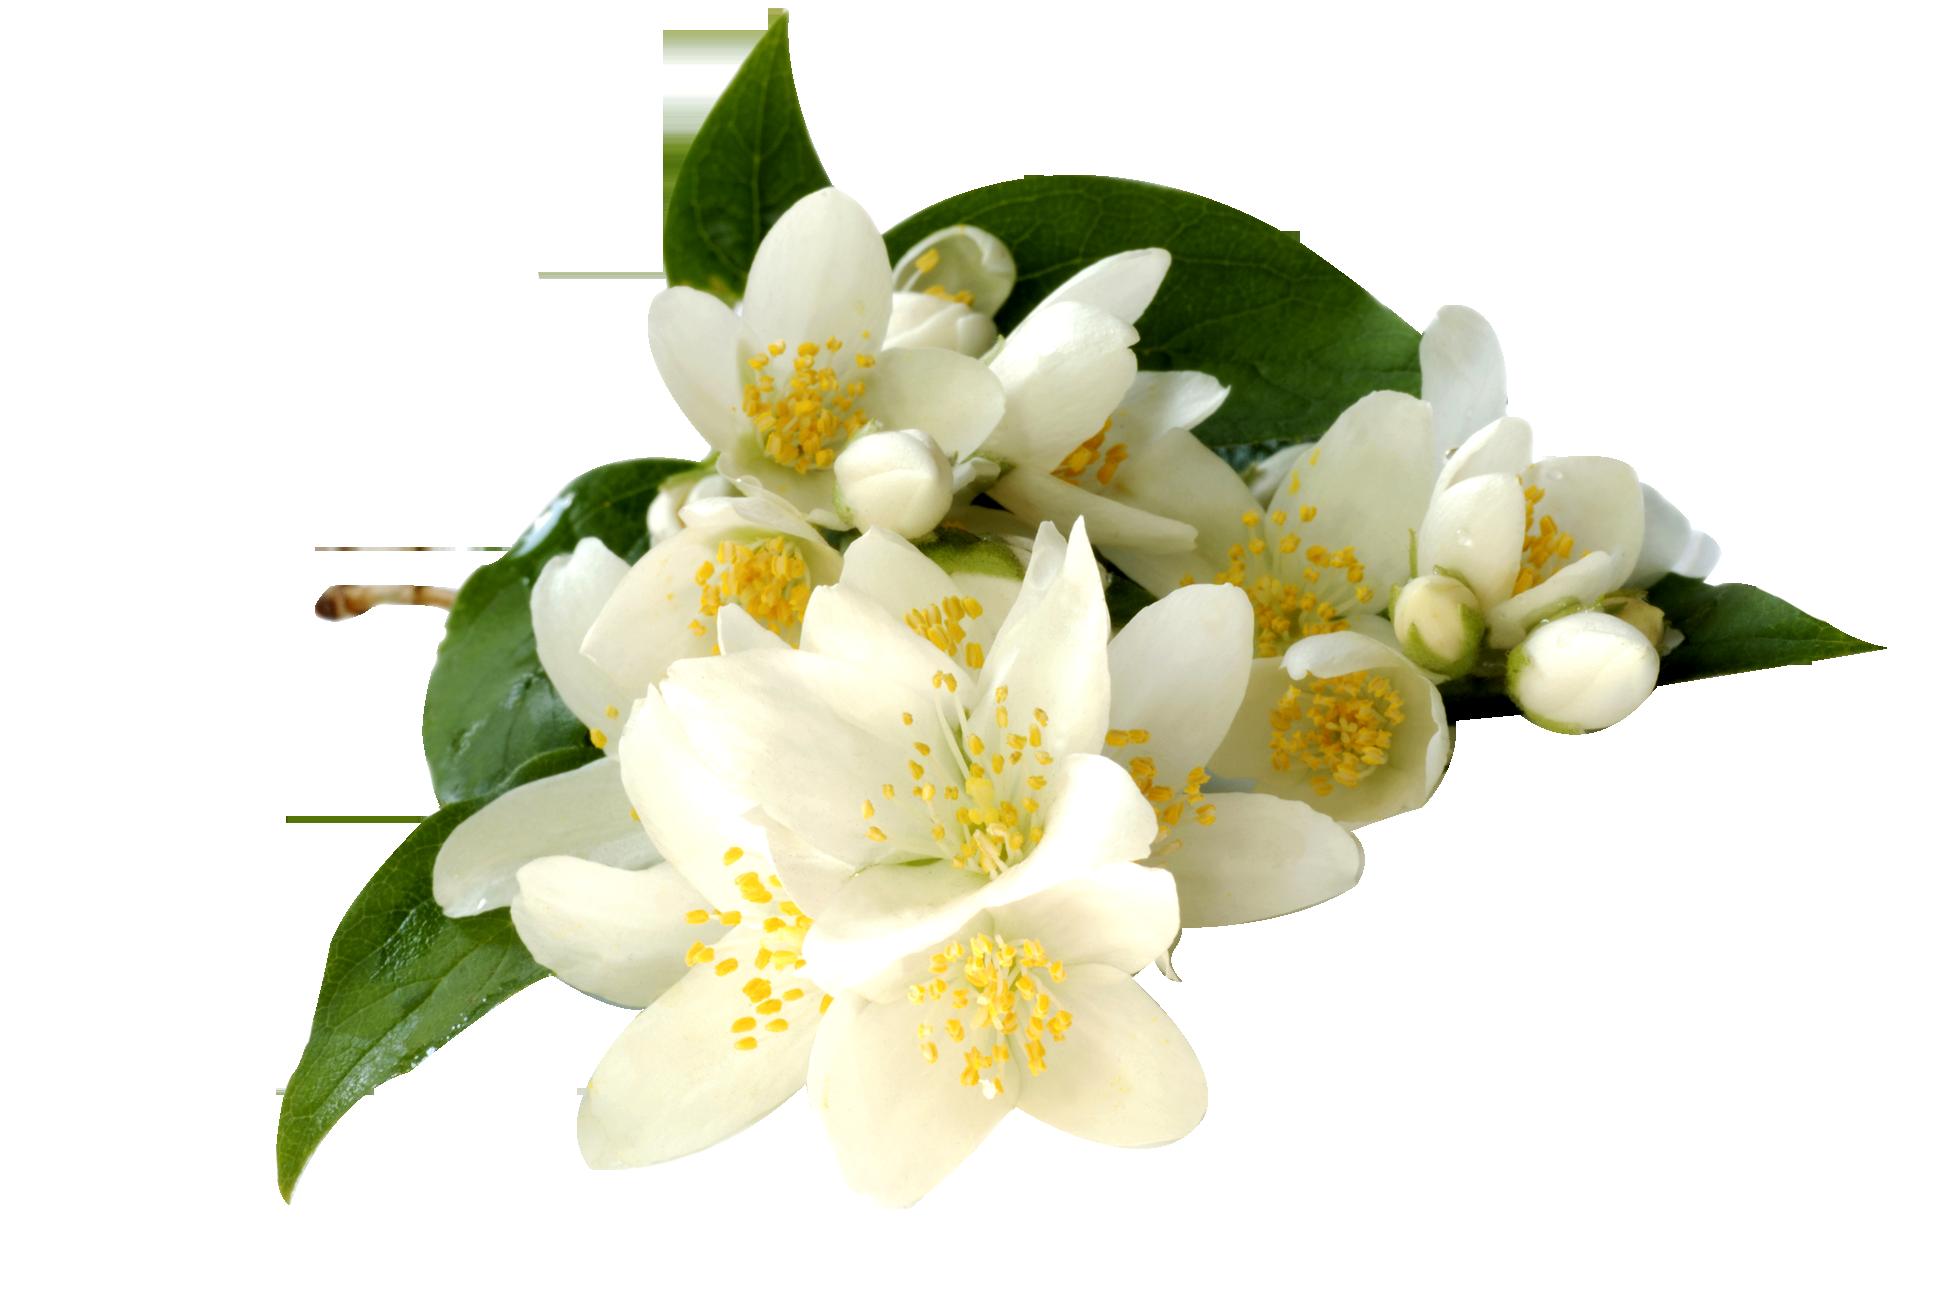 Free flower png. Jasmine images download